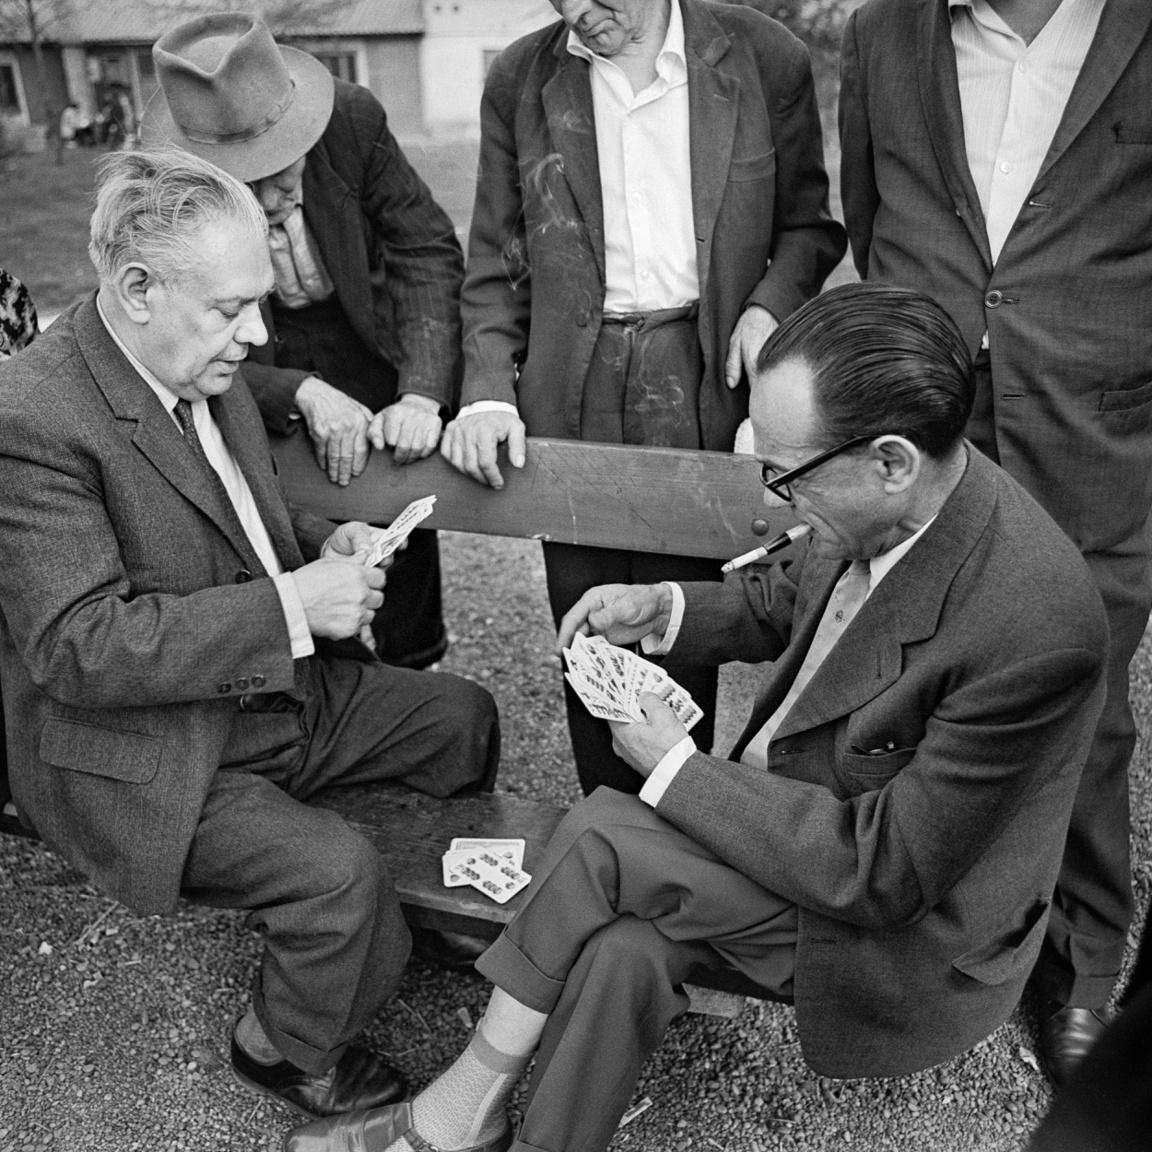 A kibicnek semmi sem drága – szól a mondás a kártya- és asztali játékok külső szemlélőiről, akik nem vállalnak kockázatot, kívülről okoskodnak bele a játszmába. Balla a Köztársaság téren (a mai II. János Pál pápa téren) örökítette meg őket 1962 környékén.